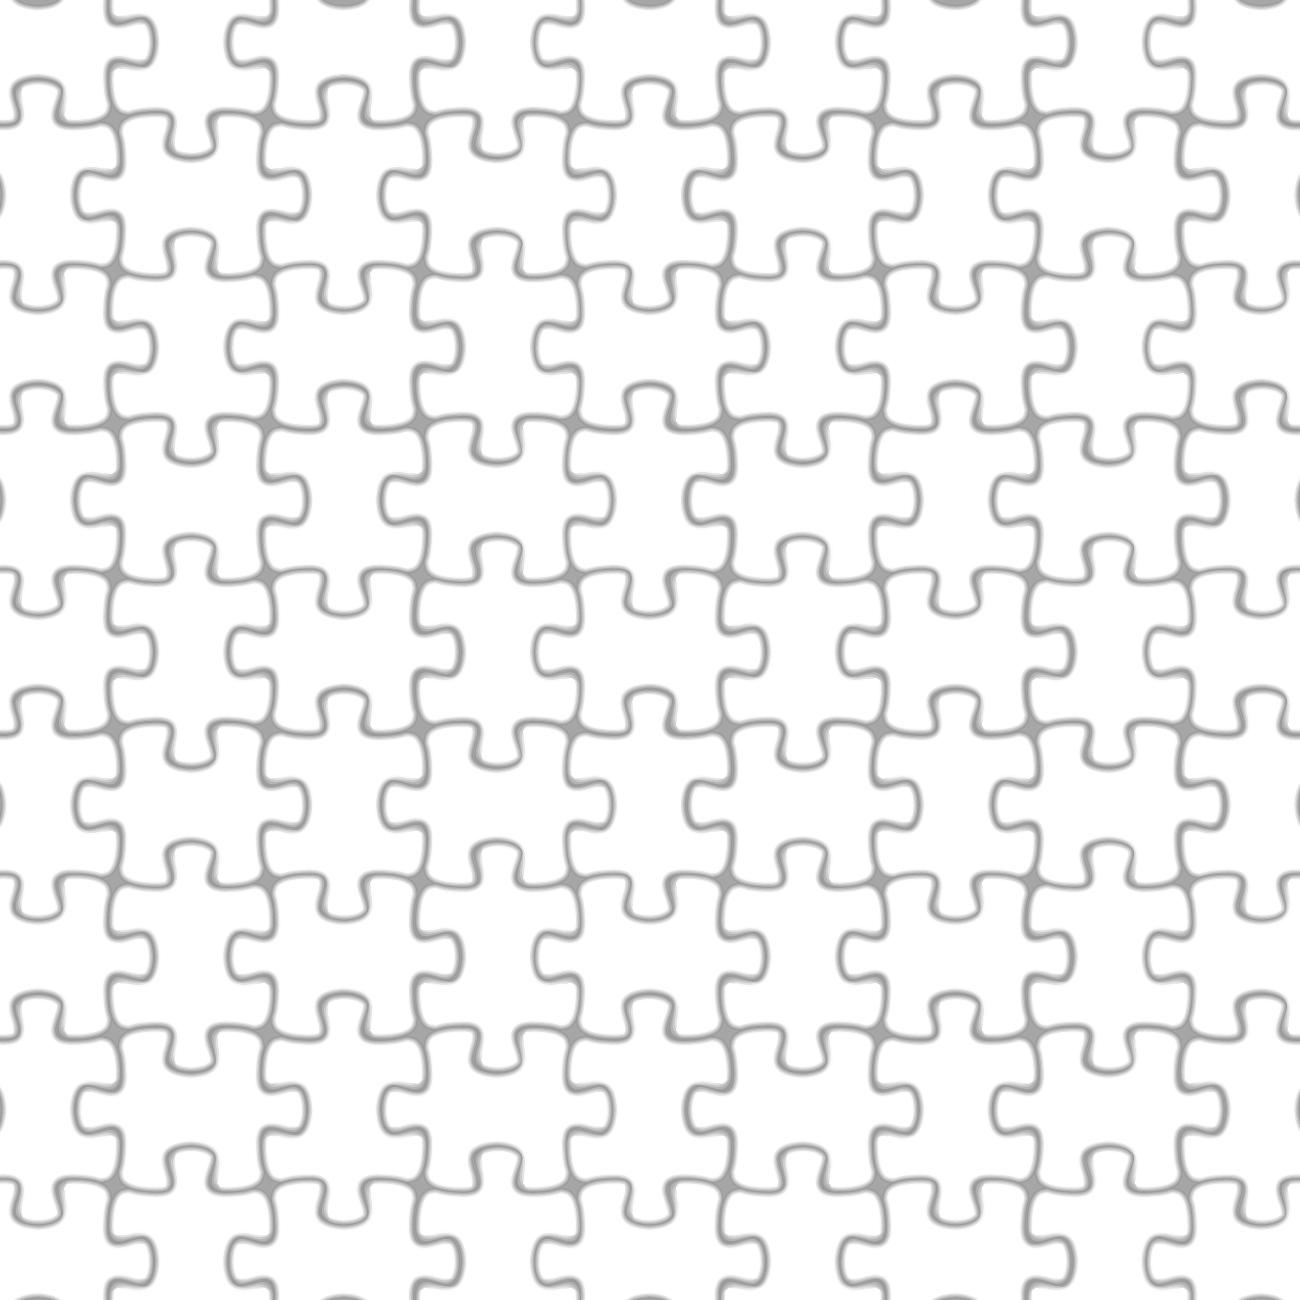 COLECCIÓN DE JUEGOS: Rompecabezas y puzzles: más allá de piezas para ...